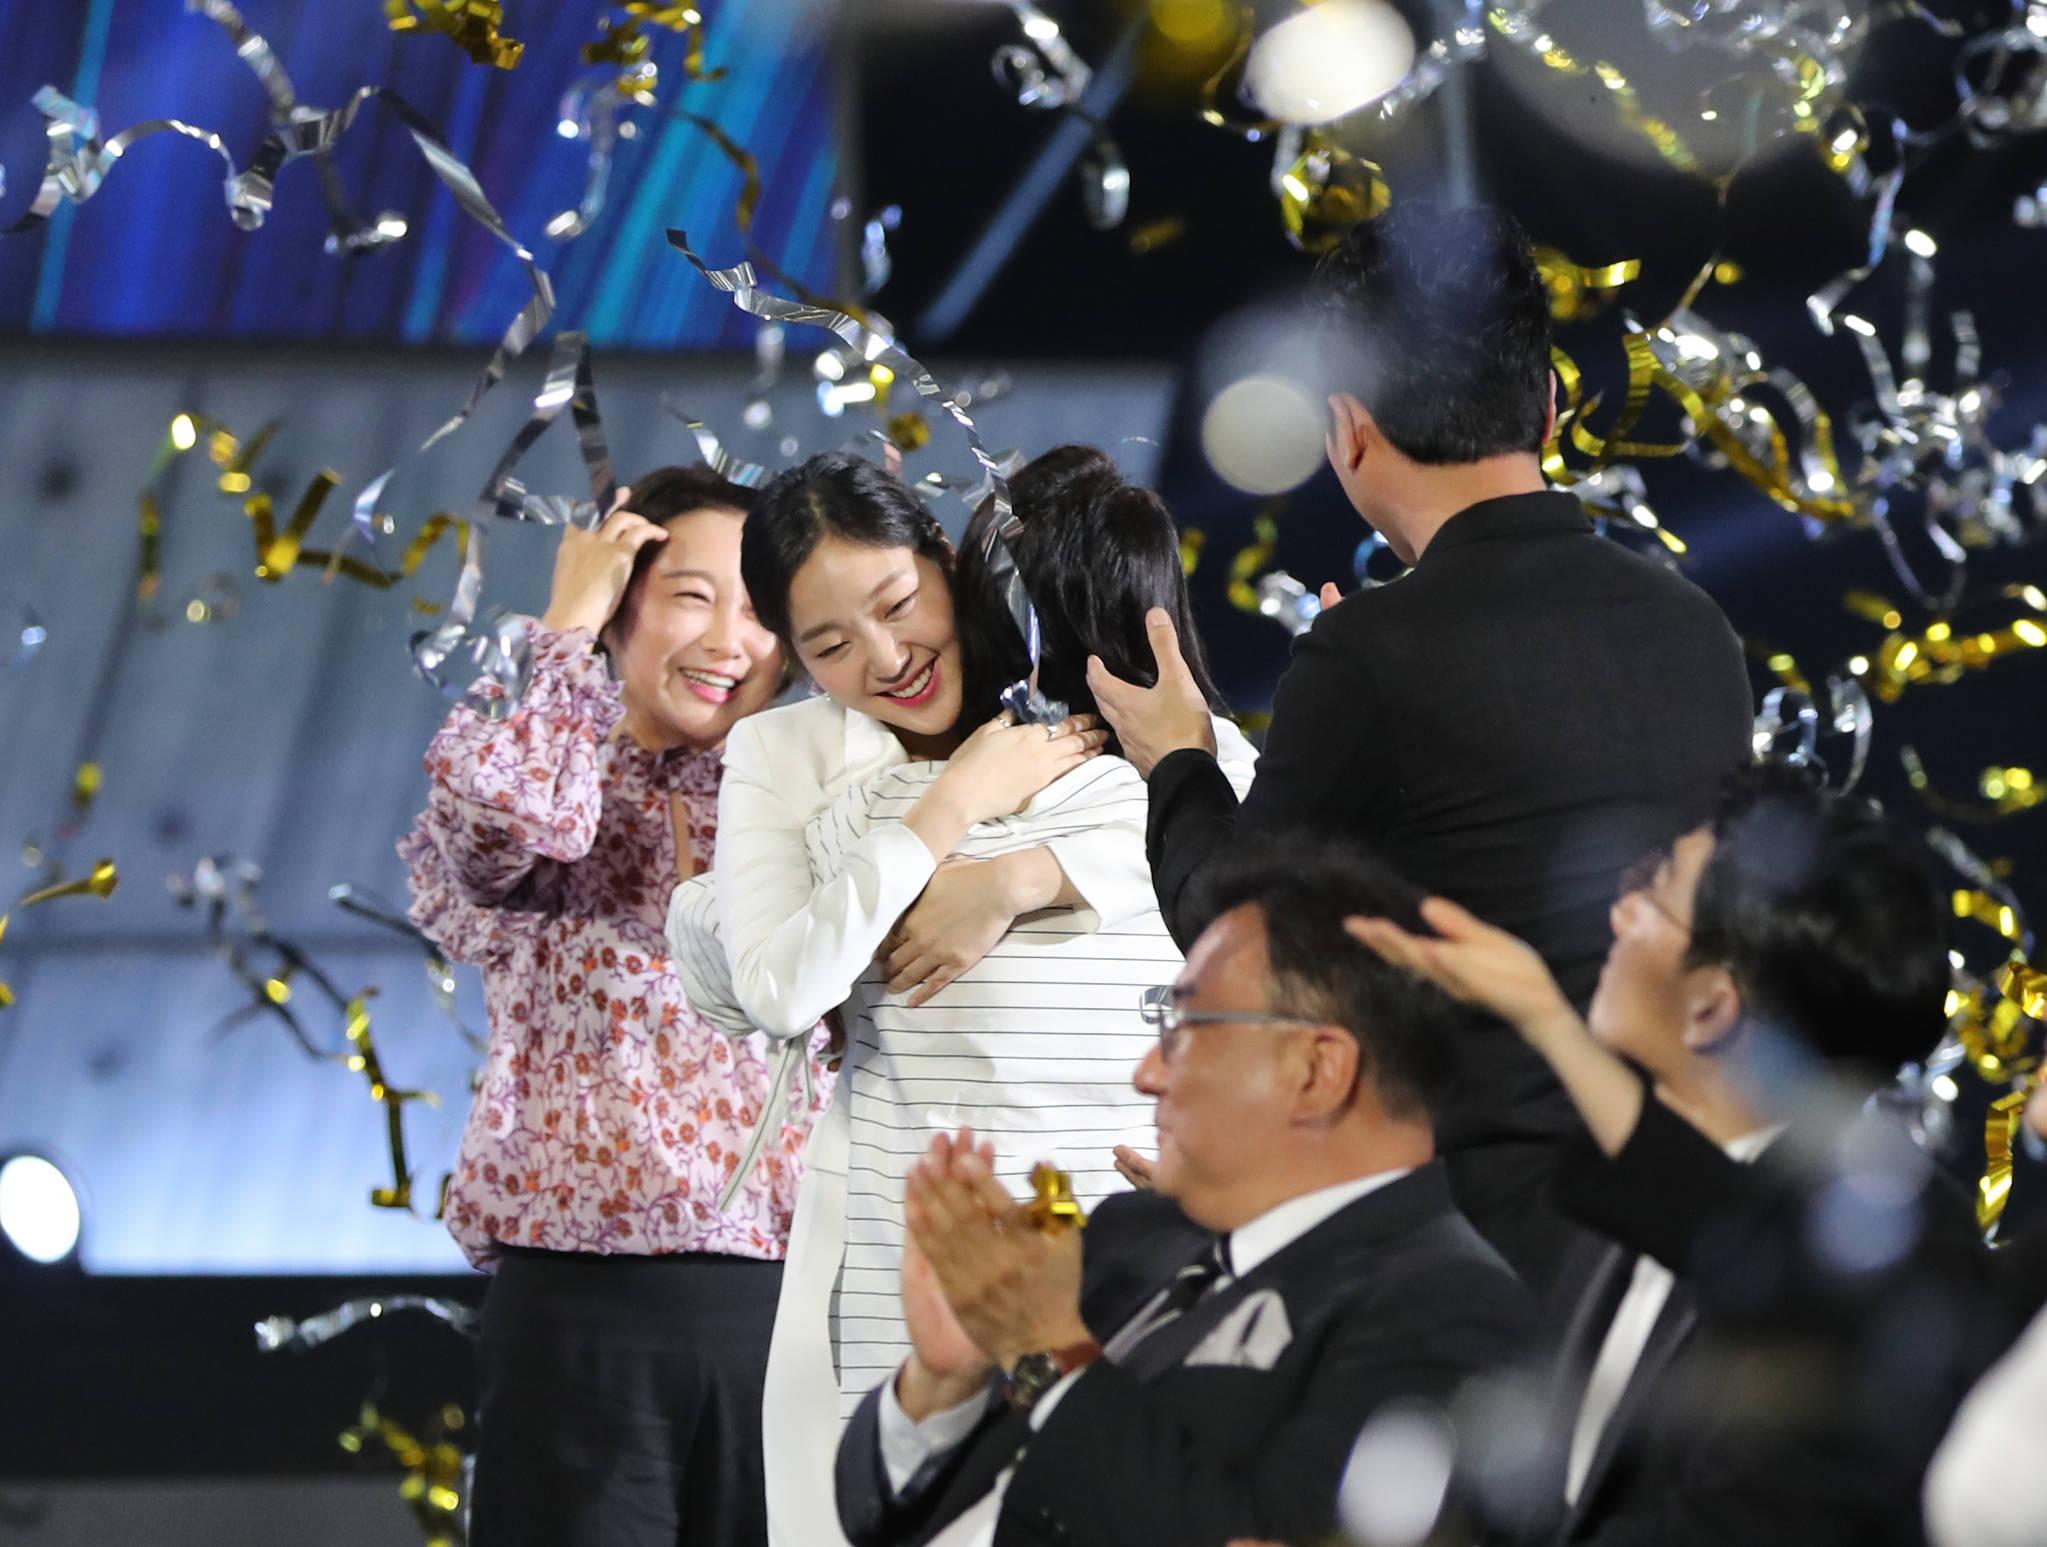 제53회 백상예술대상' 시상식 도깨비 출연진들 김은숙 작가 대상 환호